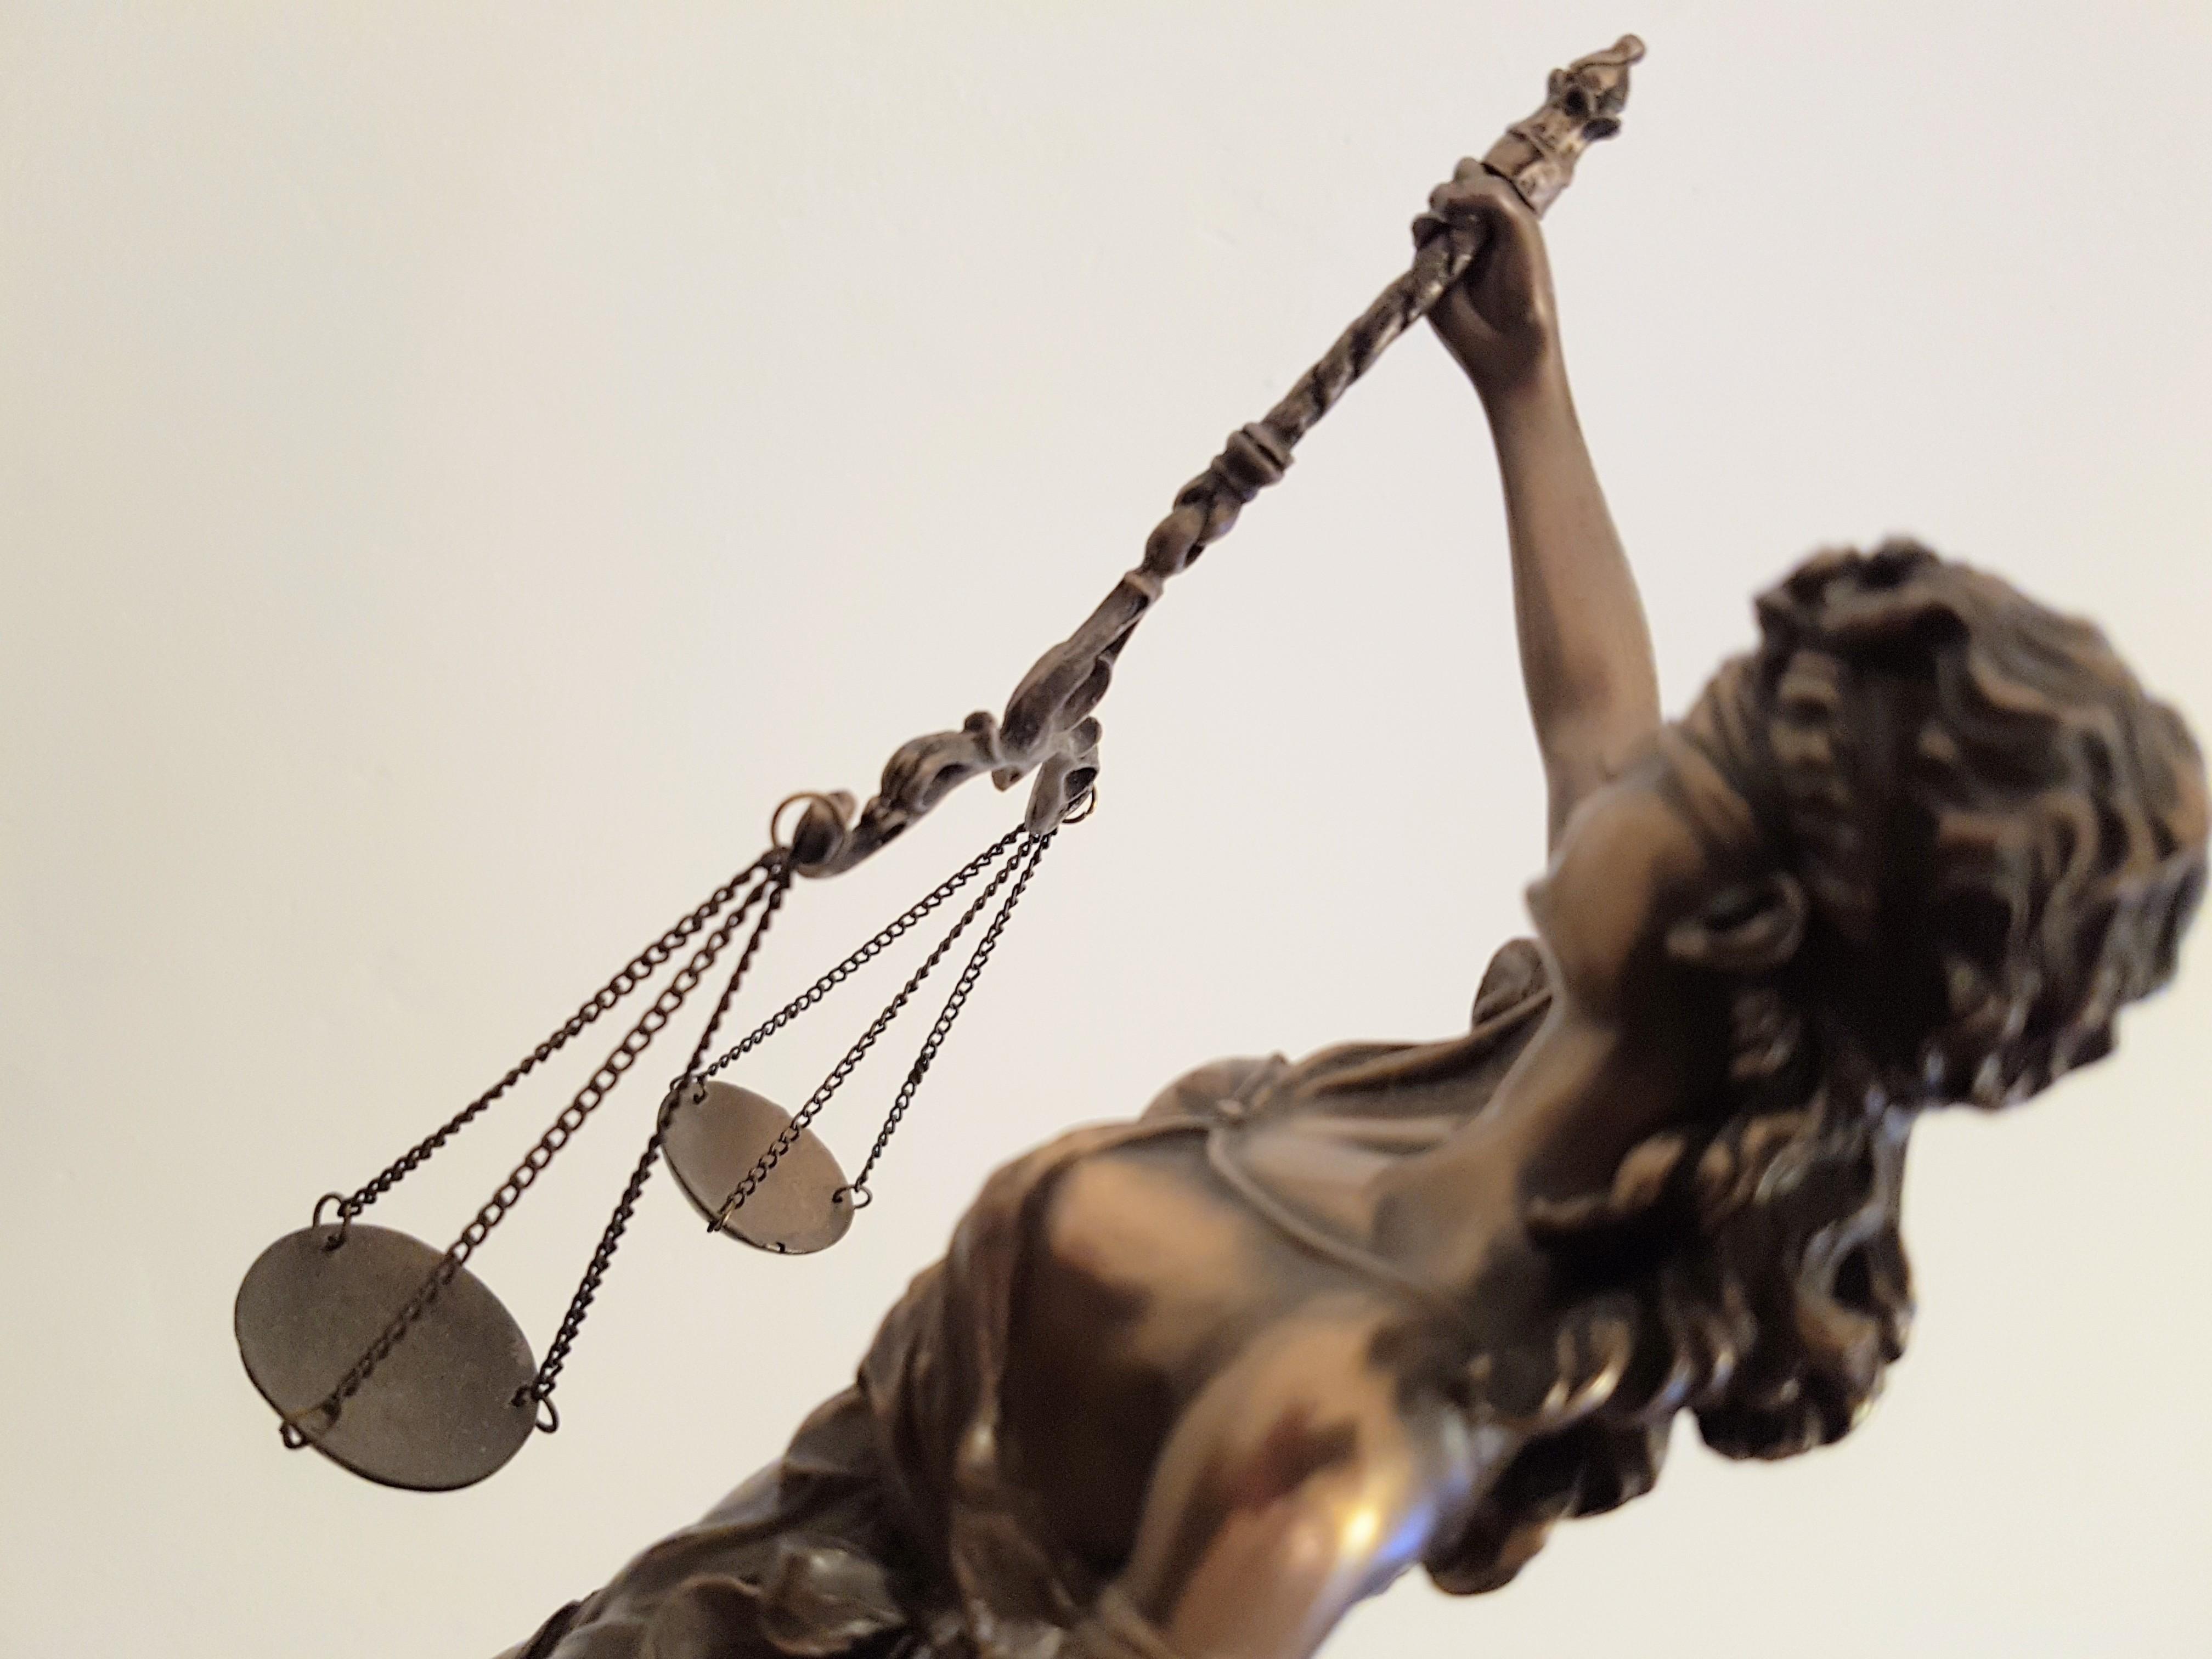 Das Foto zeigt eine von oben fotografierte Justiziar, bei der der rechte Arm die Waage hält.